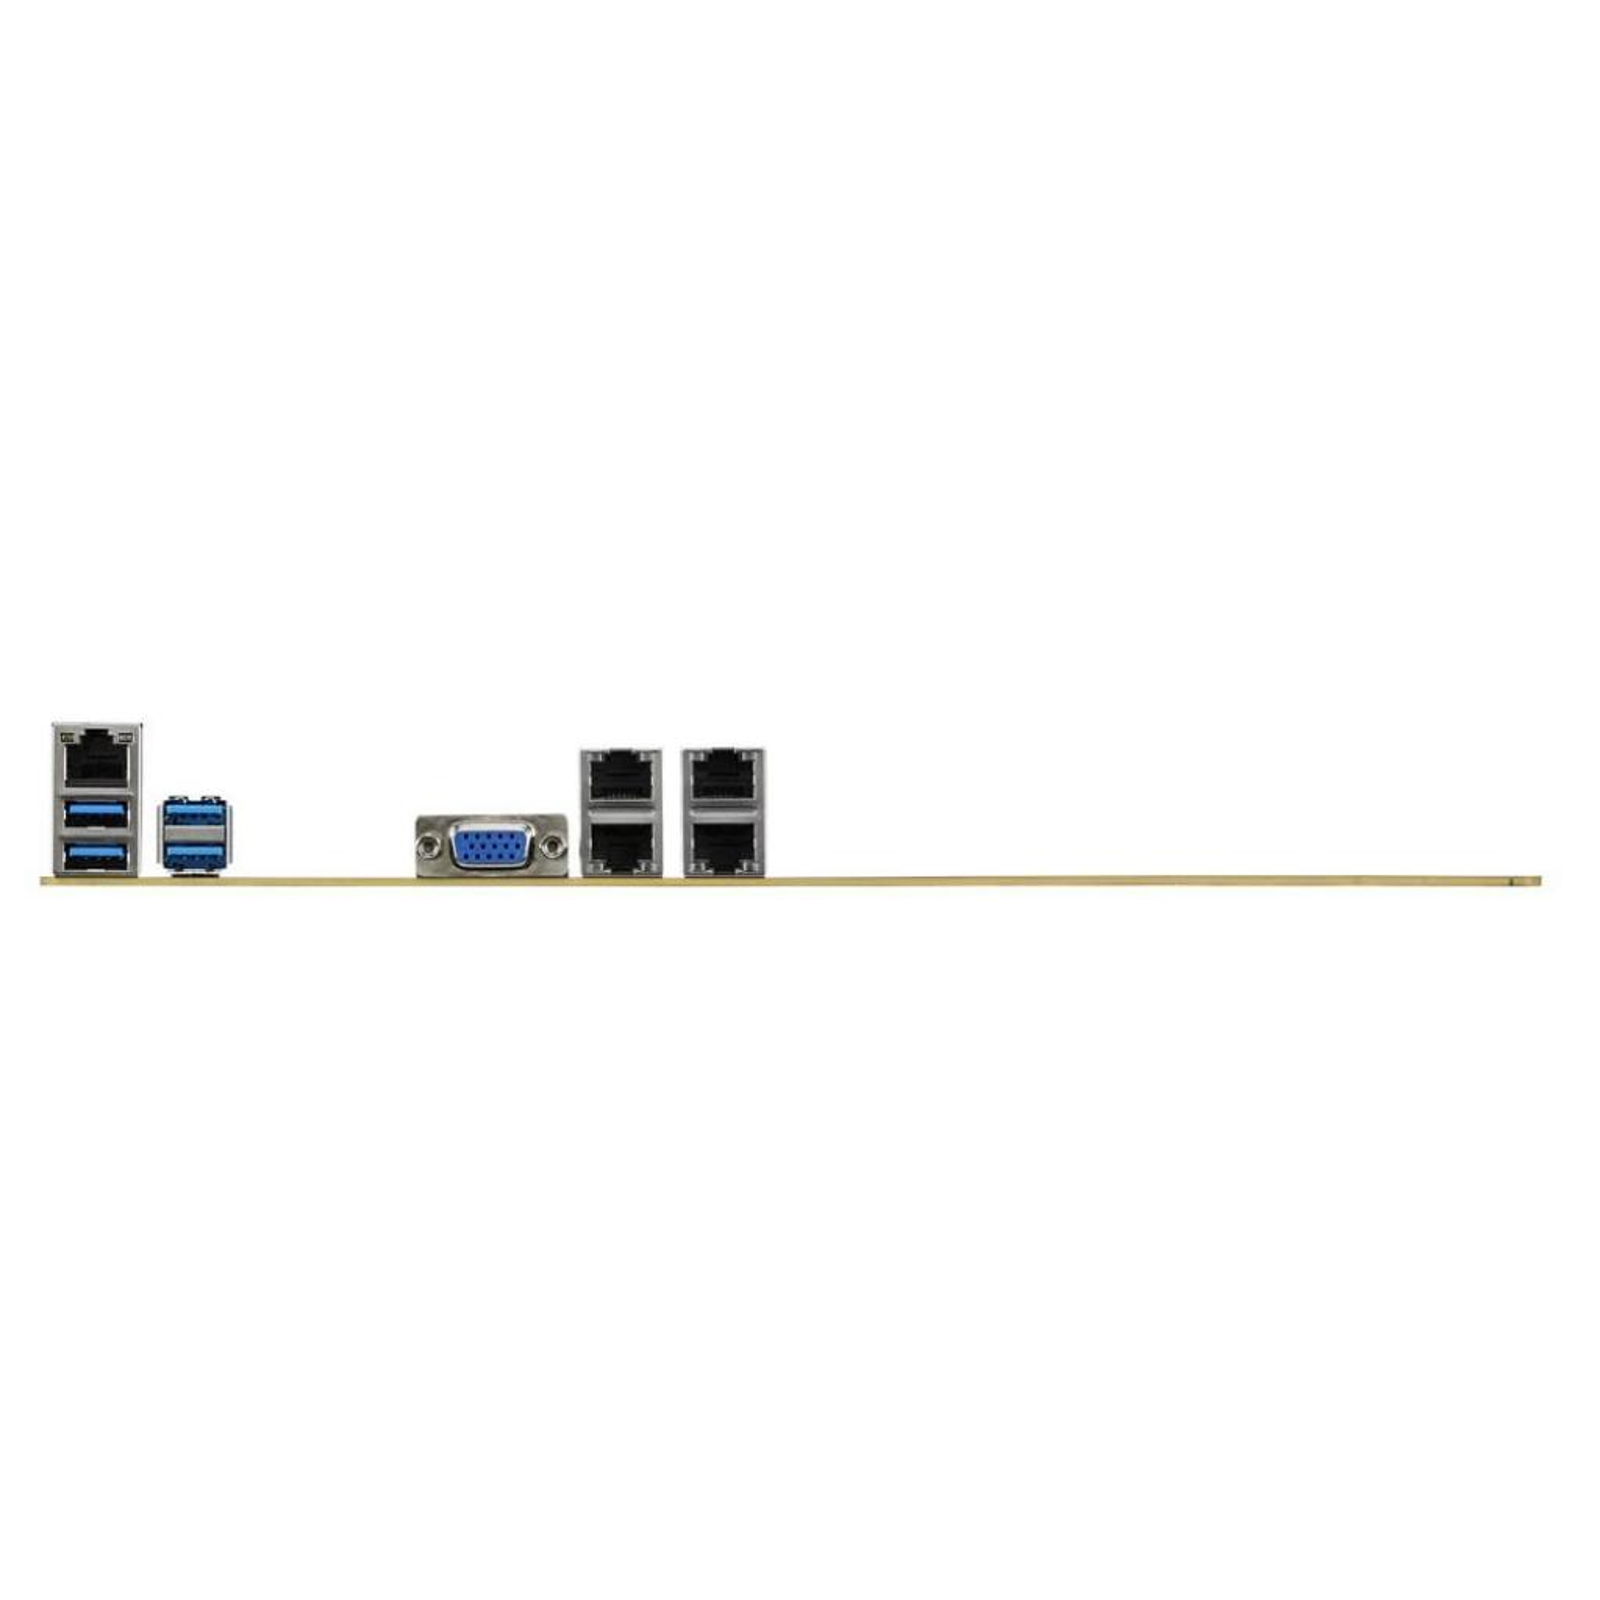 Серверная МП ASUS Z11PA-D8 изображение 3